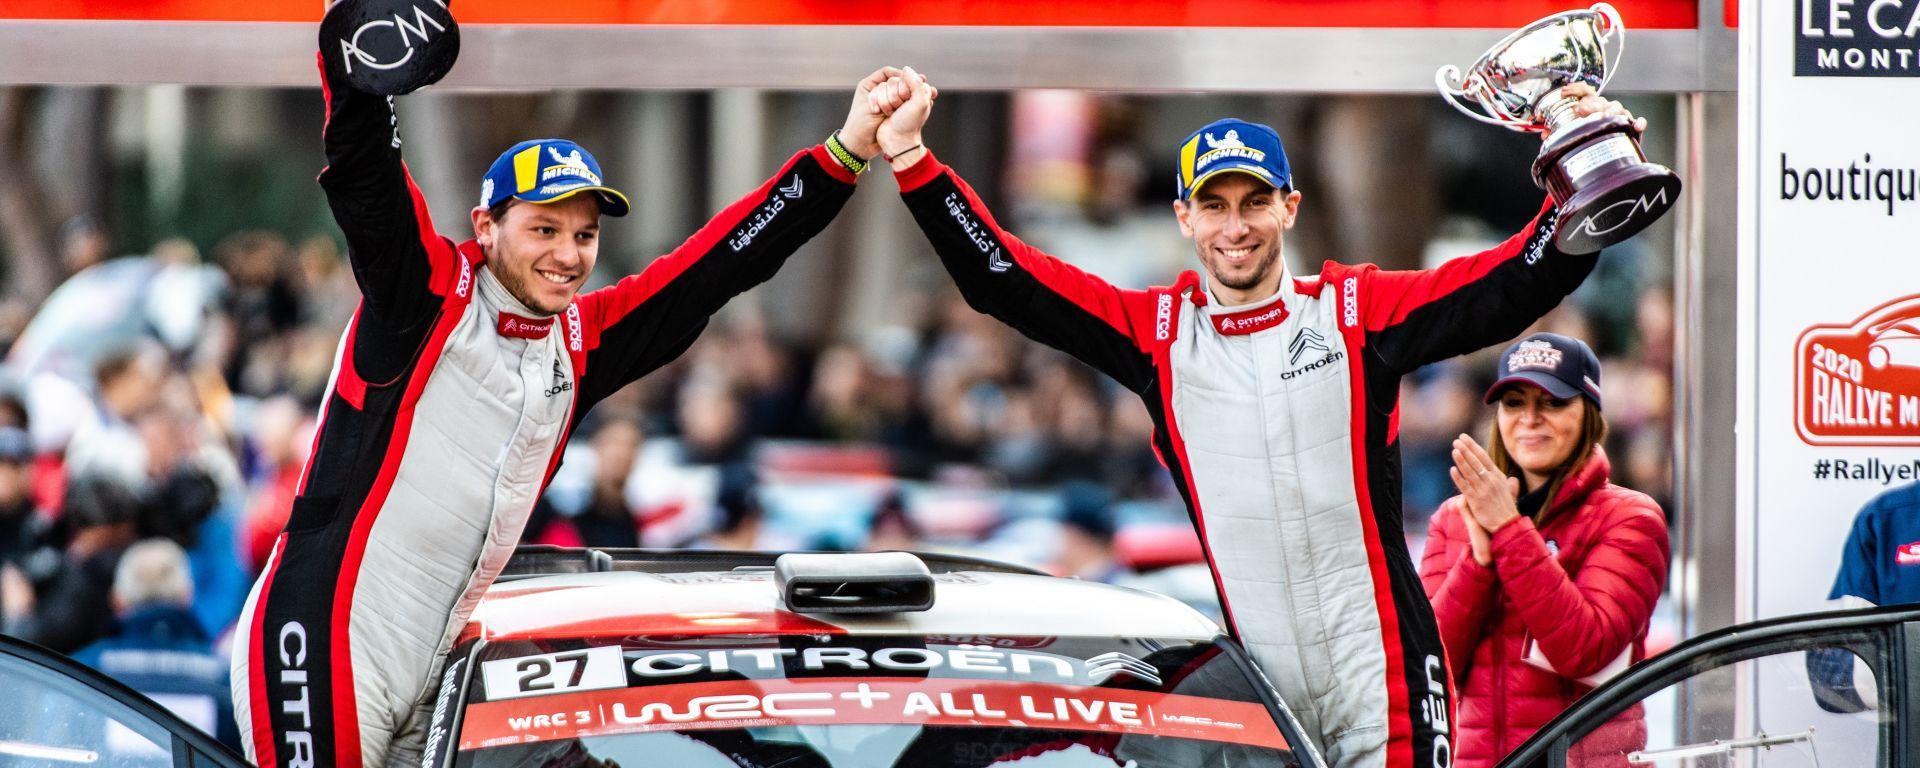 WRC, Rally Montecarlo 2020: Eric Camilli e il navigatore François-Xavier Buresi (Citroen) festeggiano la vittoria